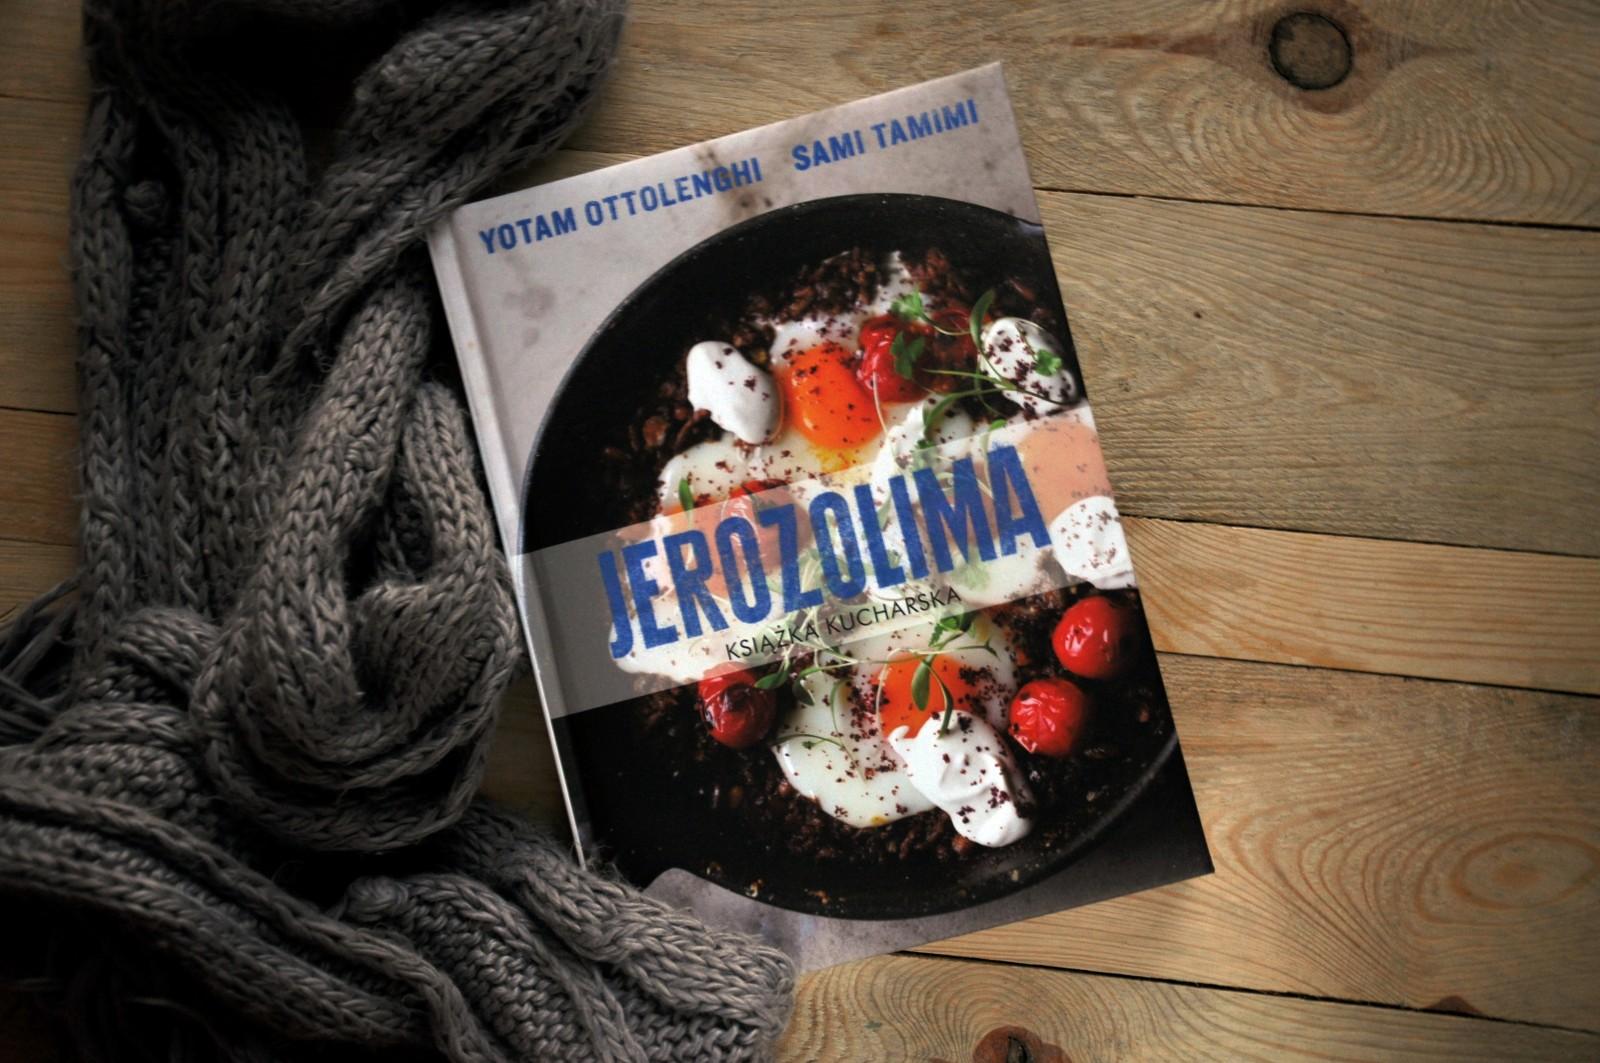 Pomysł na prezent: 8 książek kucharskich